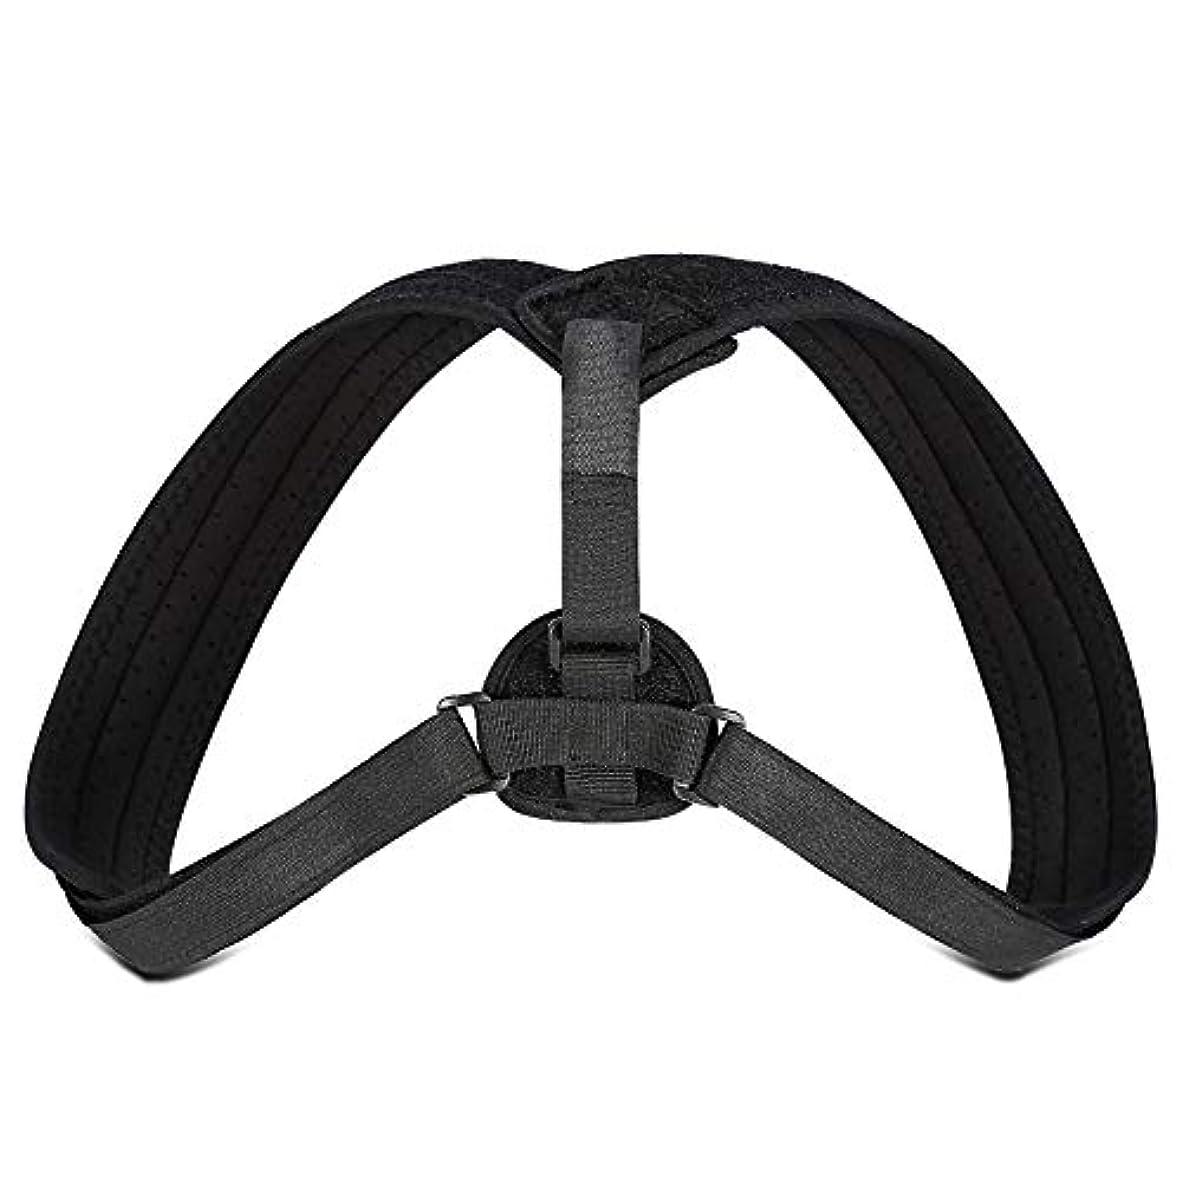 ピーク胃弓Yosoo Posture Corrector - ブレースアッパーバックネックショルダーサポートアジャスタブルストラップ、肩の体位補正、整形外科用こぶの緩和のための包帯矯正、ティーン用